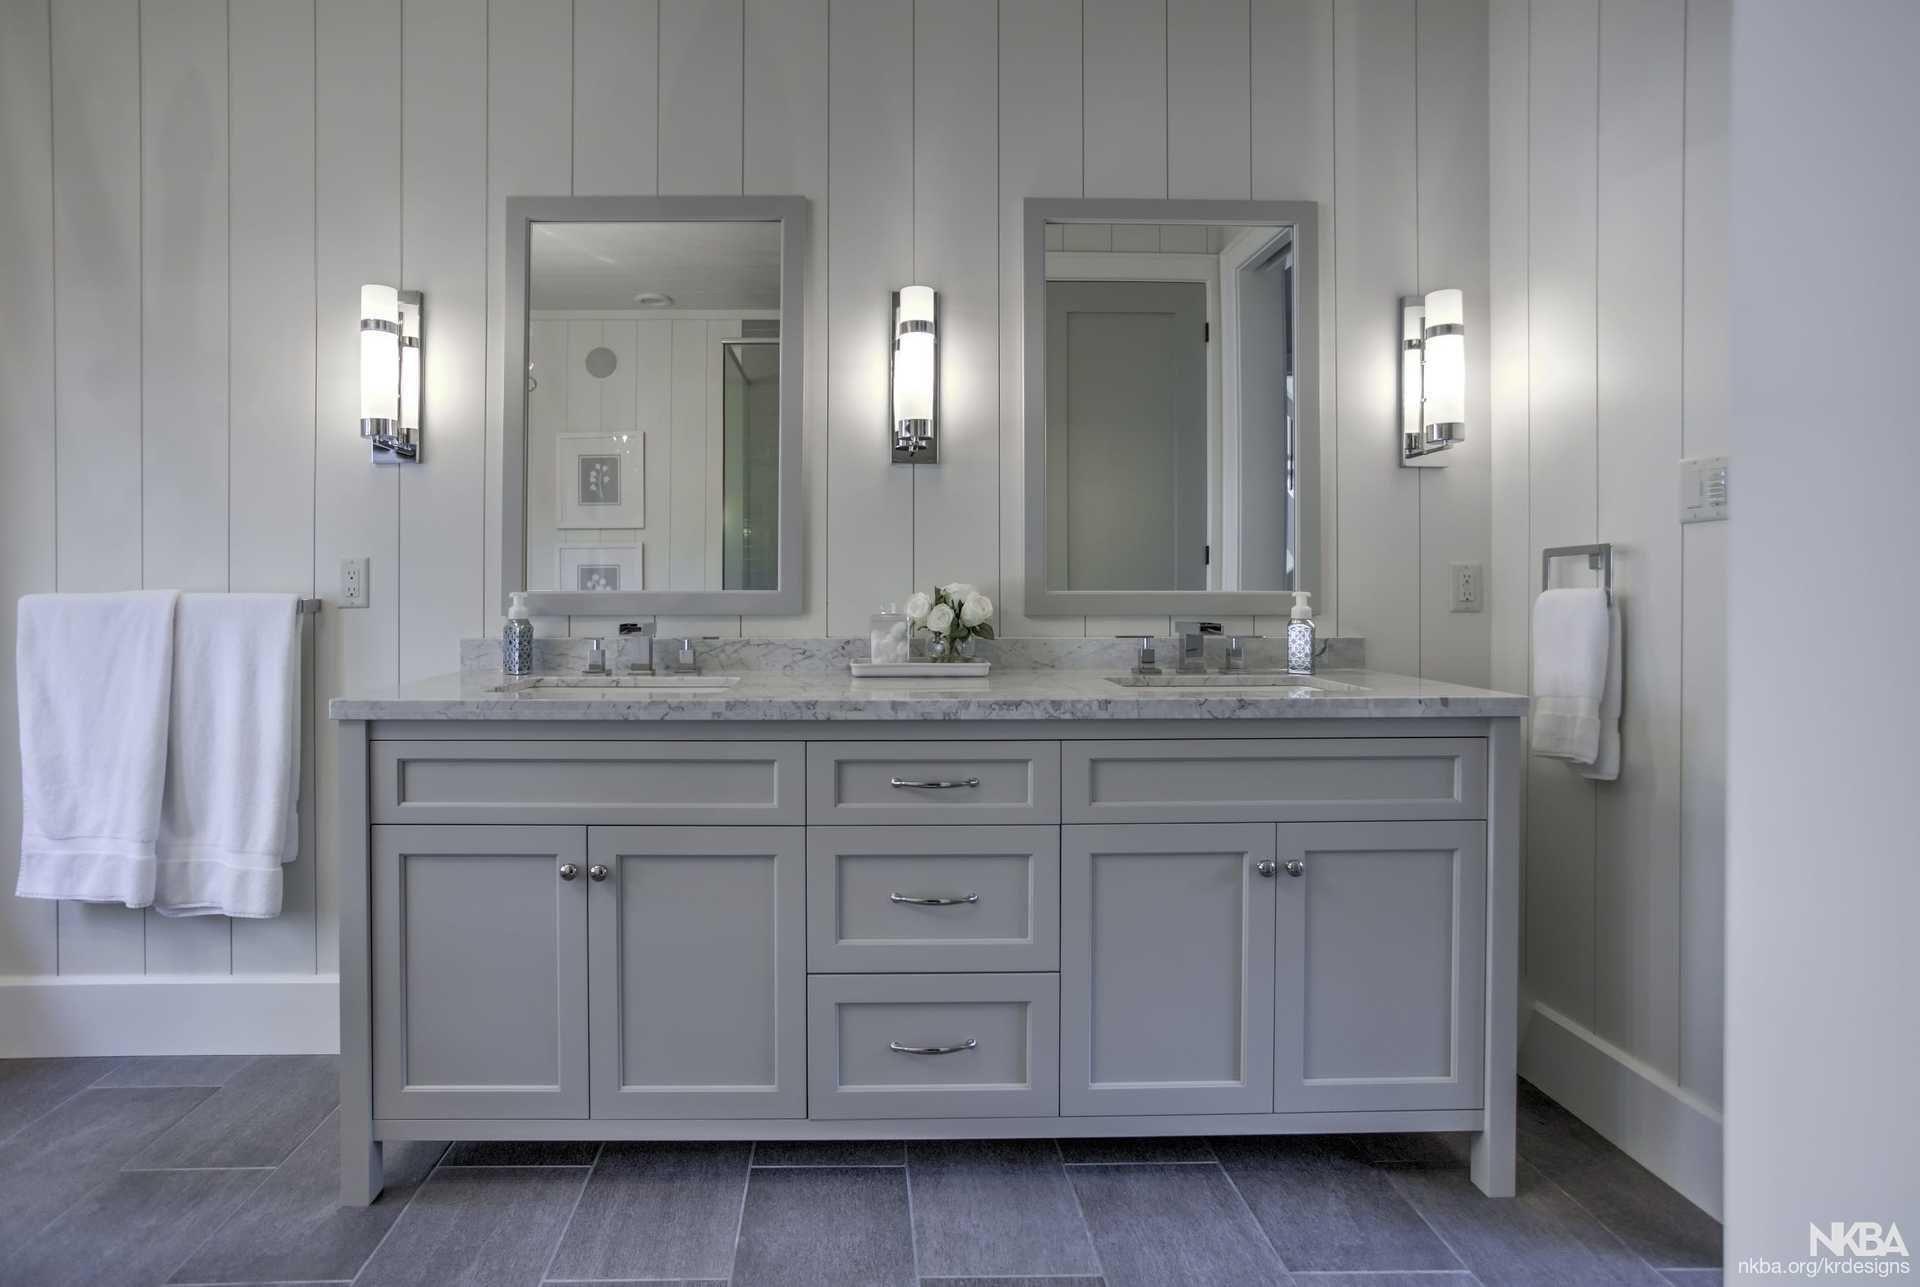 Karin Ross Designs Freestanding Vanity In Master Bathroom Nkba Bathroom Master Bathroom Vanity [ 1287 x 1920 Pixel ]